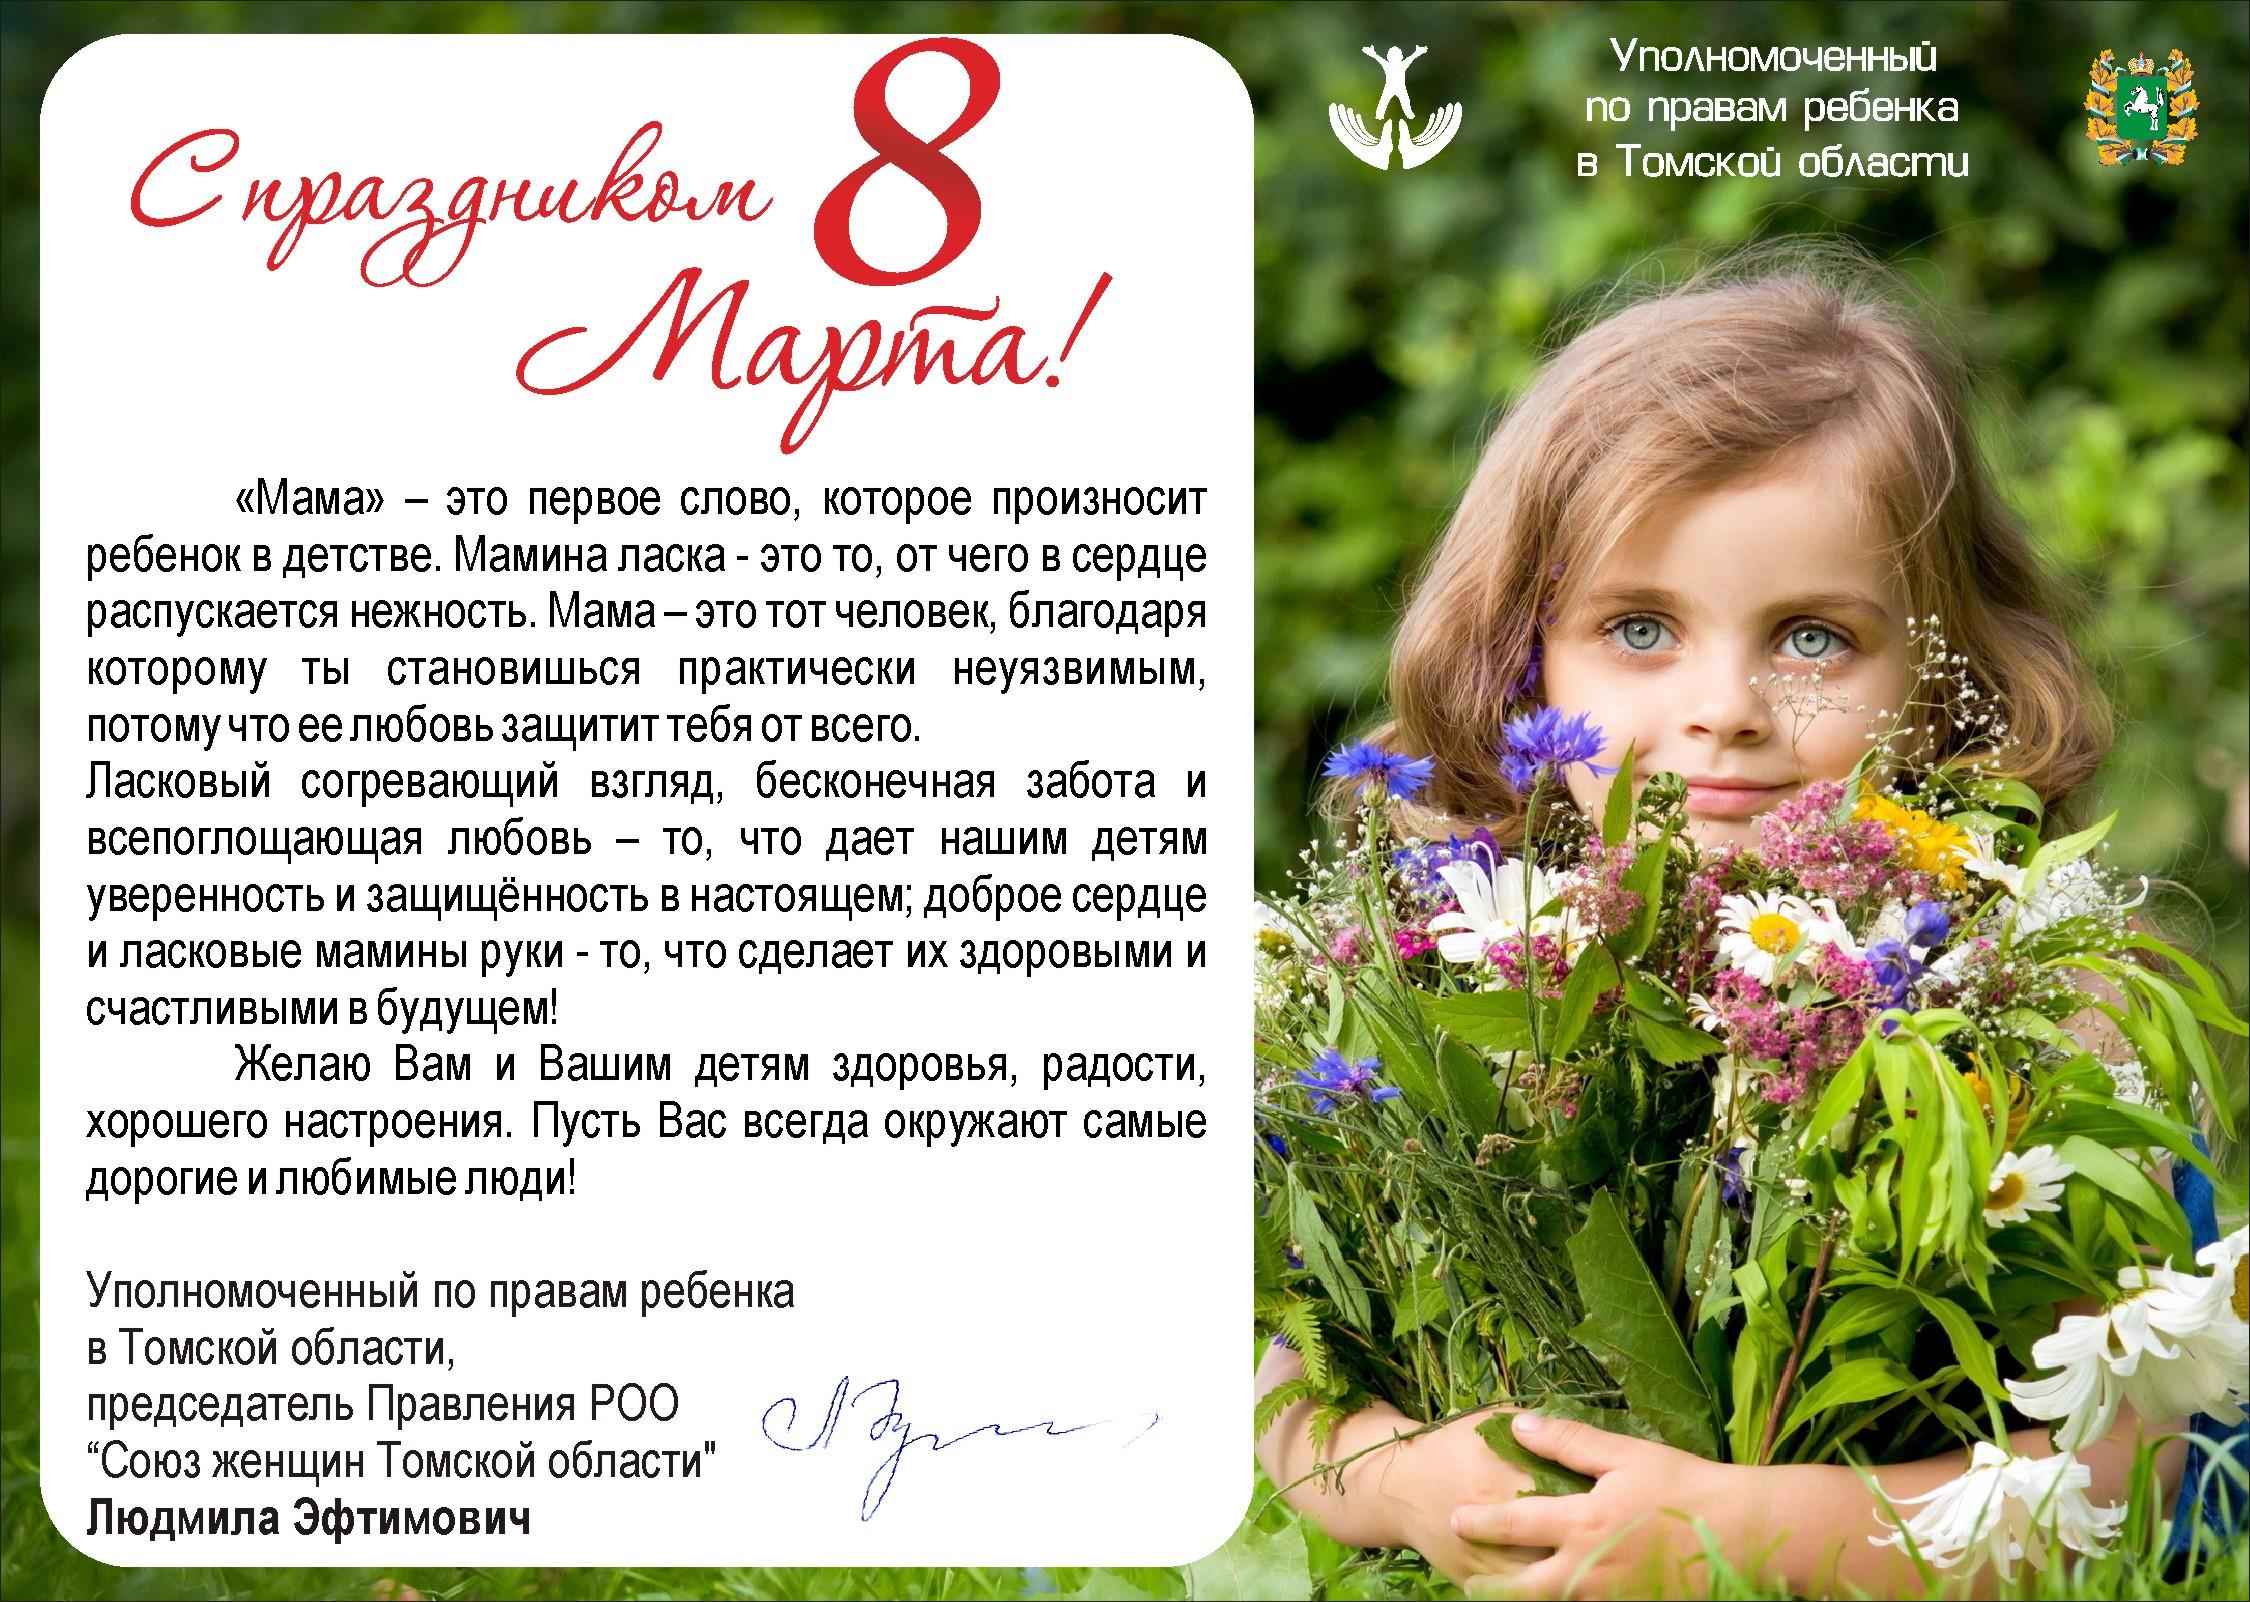 Поздравление уполномоченного по правам ребенка